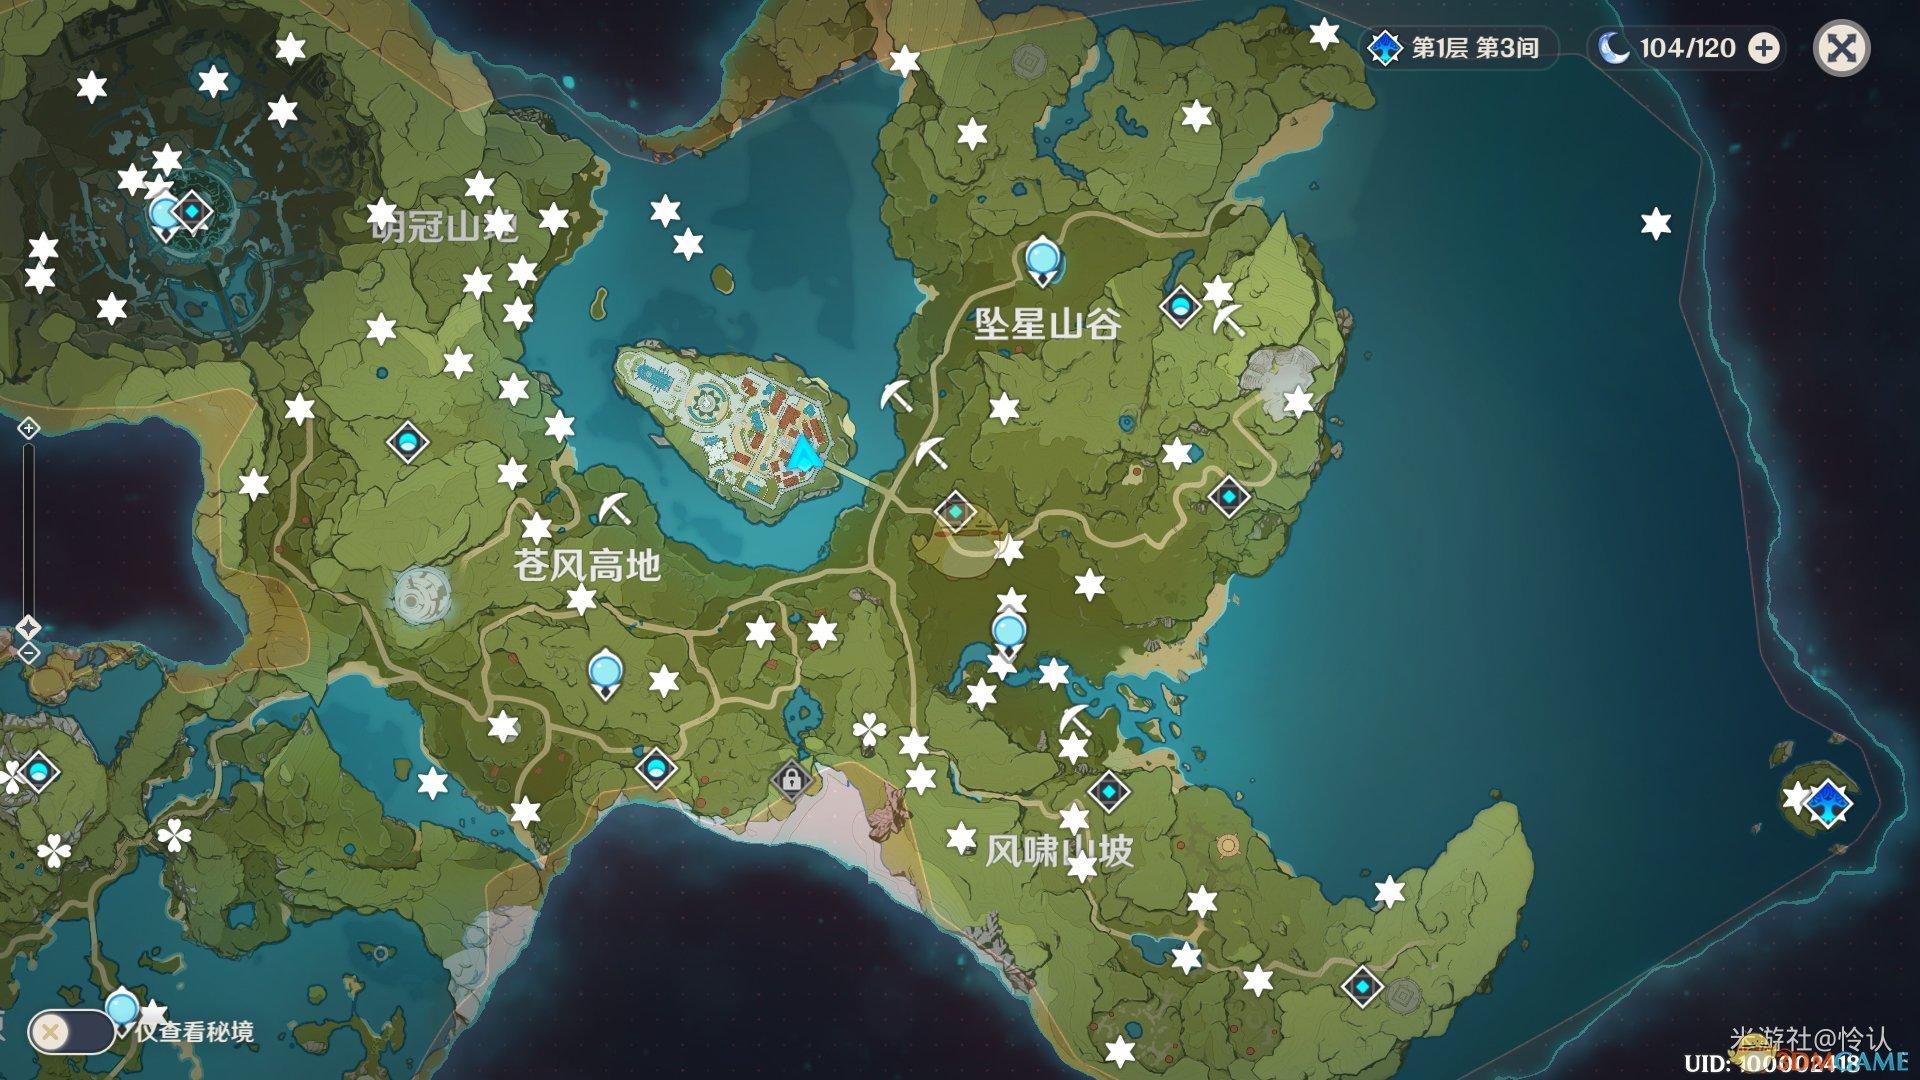 《原神》全风神瞳地图一览